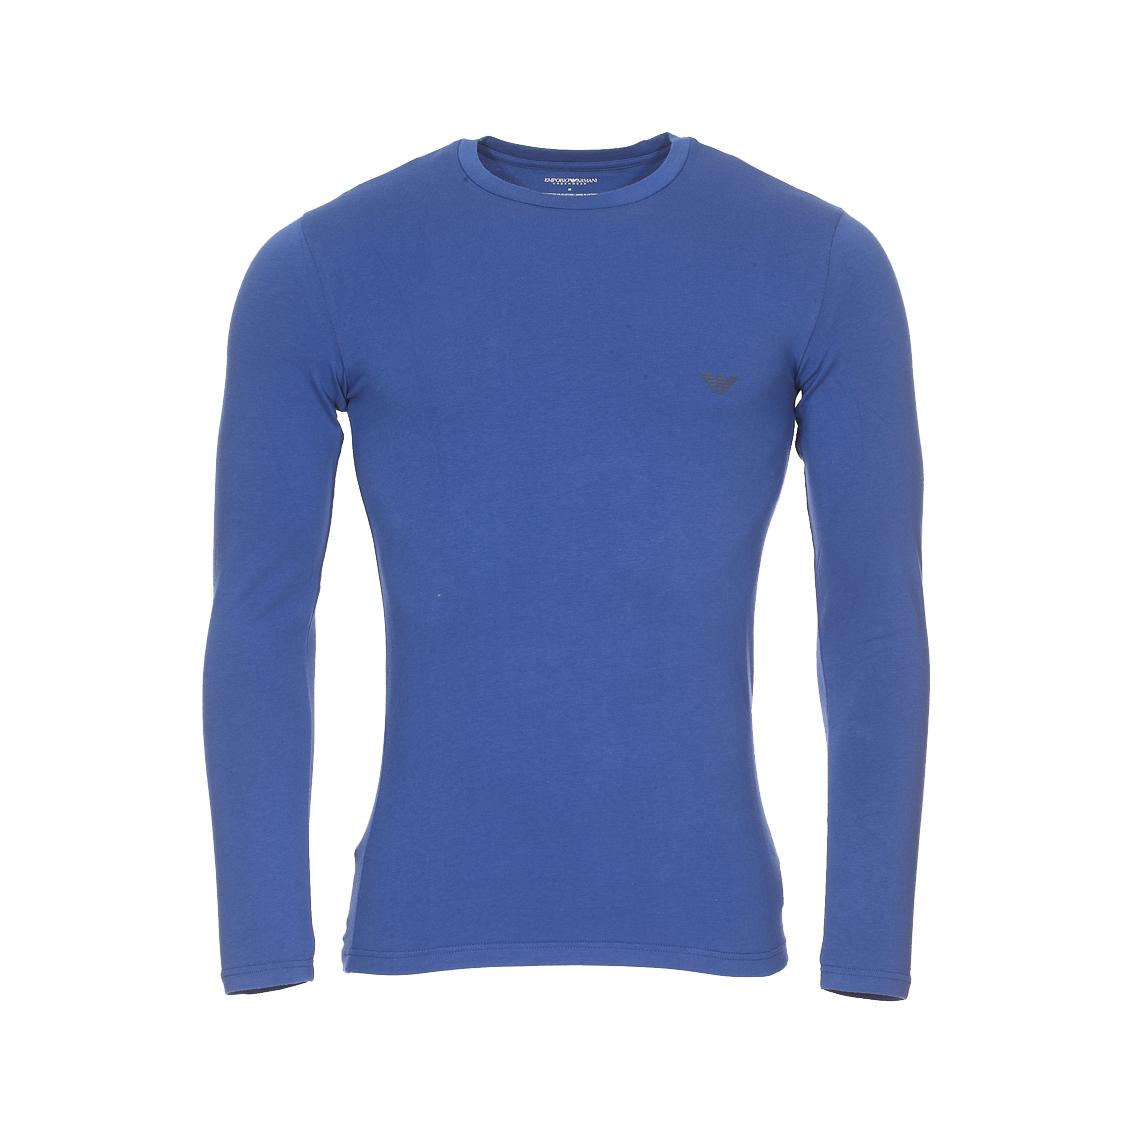 Tee-shirt manches longues col rond  en coton stretch bleu indigo floqué du logo eagle sur la poitrine et dans le dos